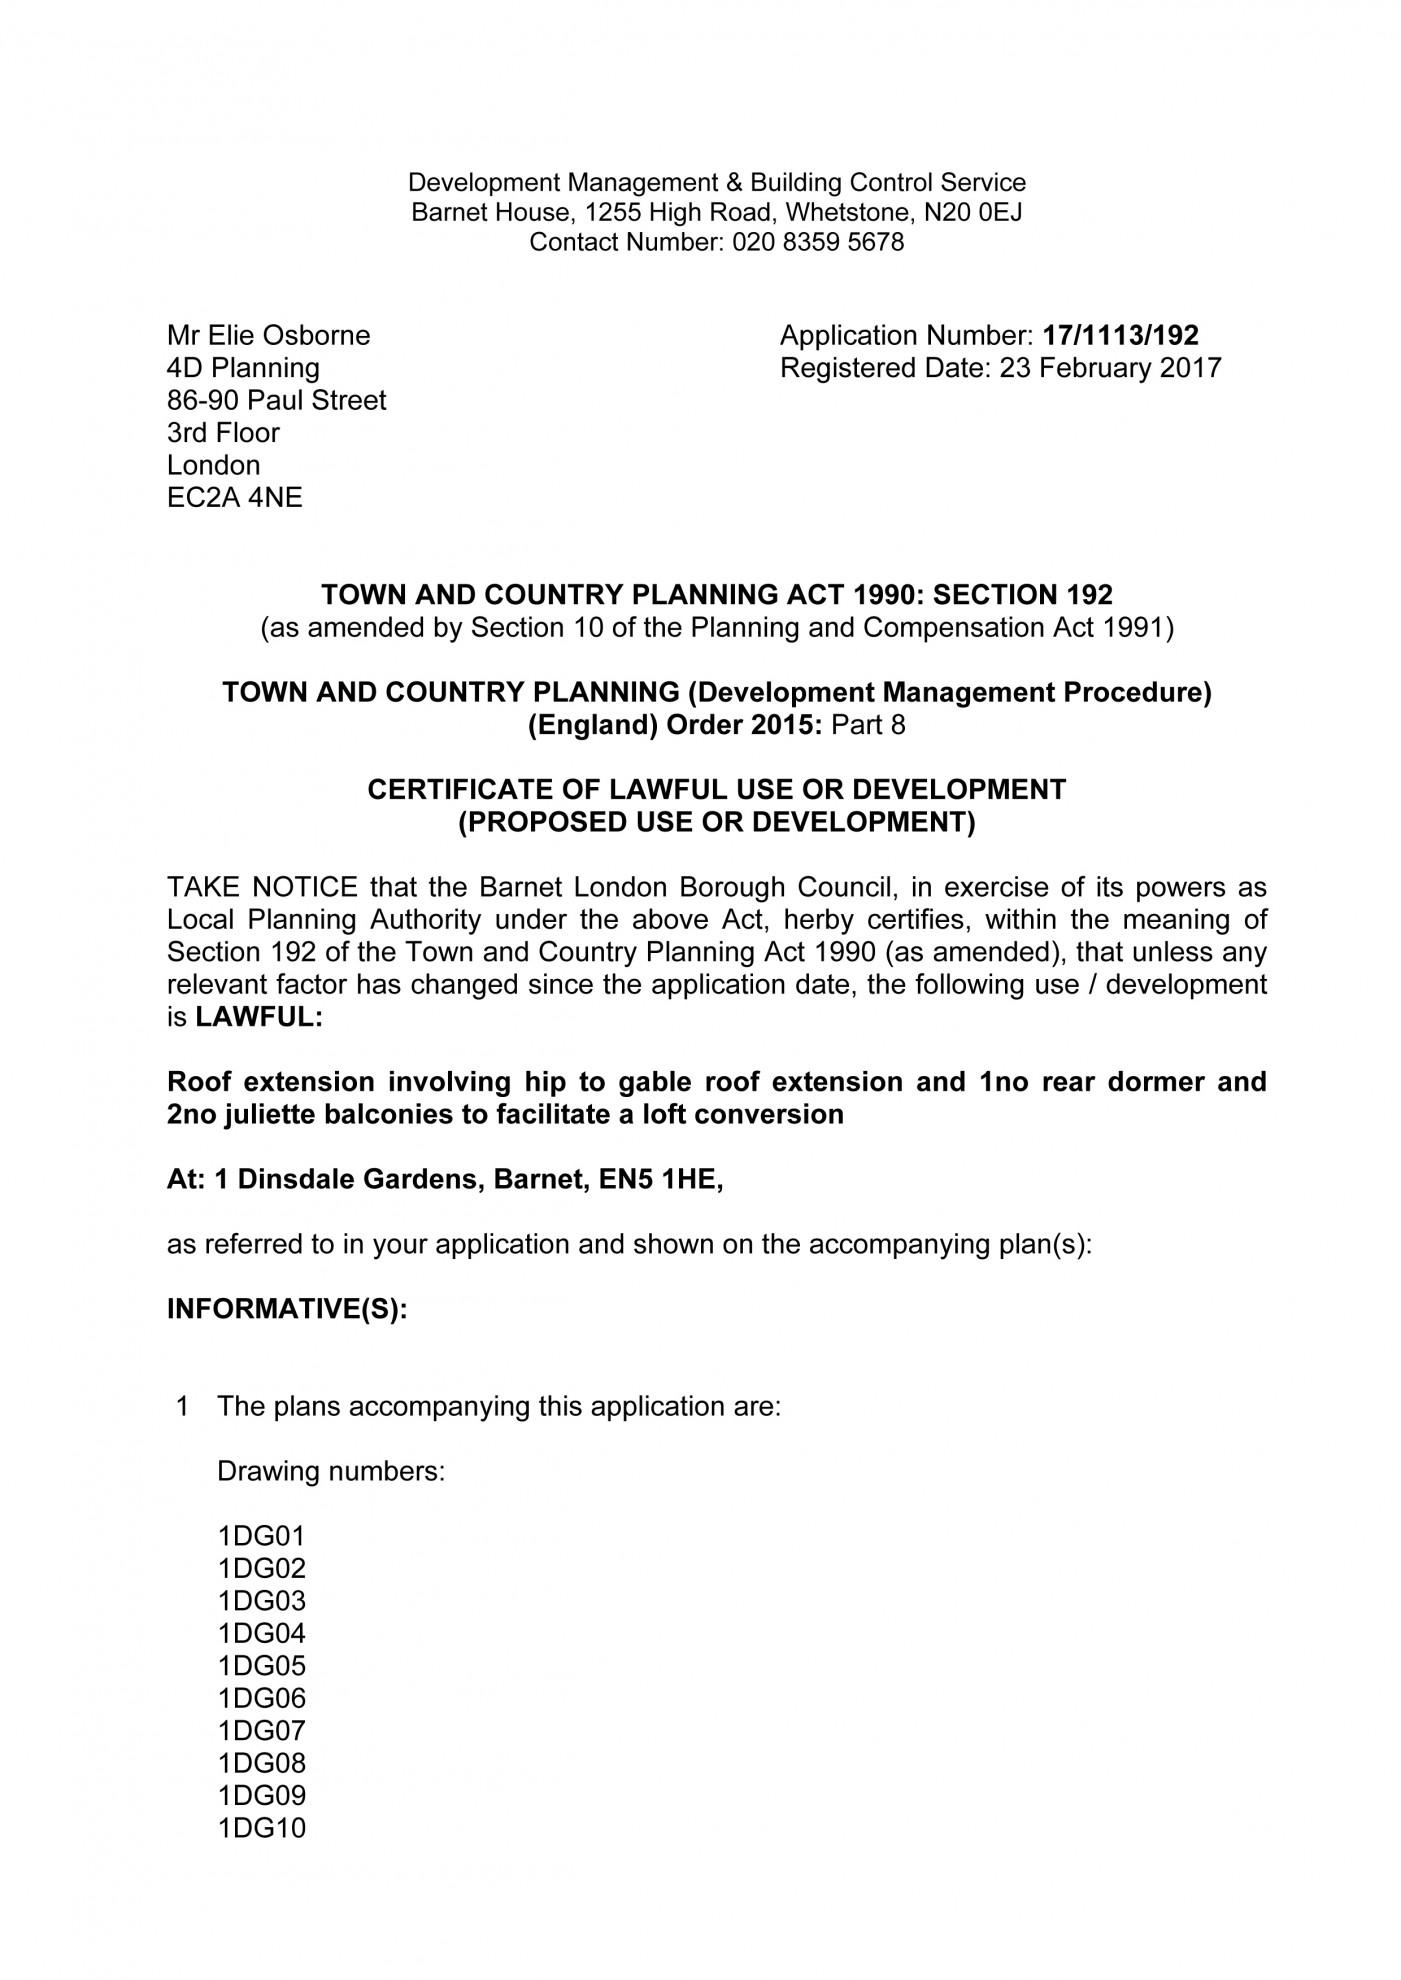 decision notice - Barnet Council